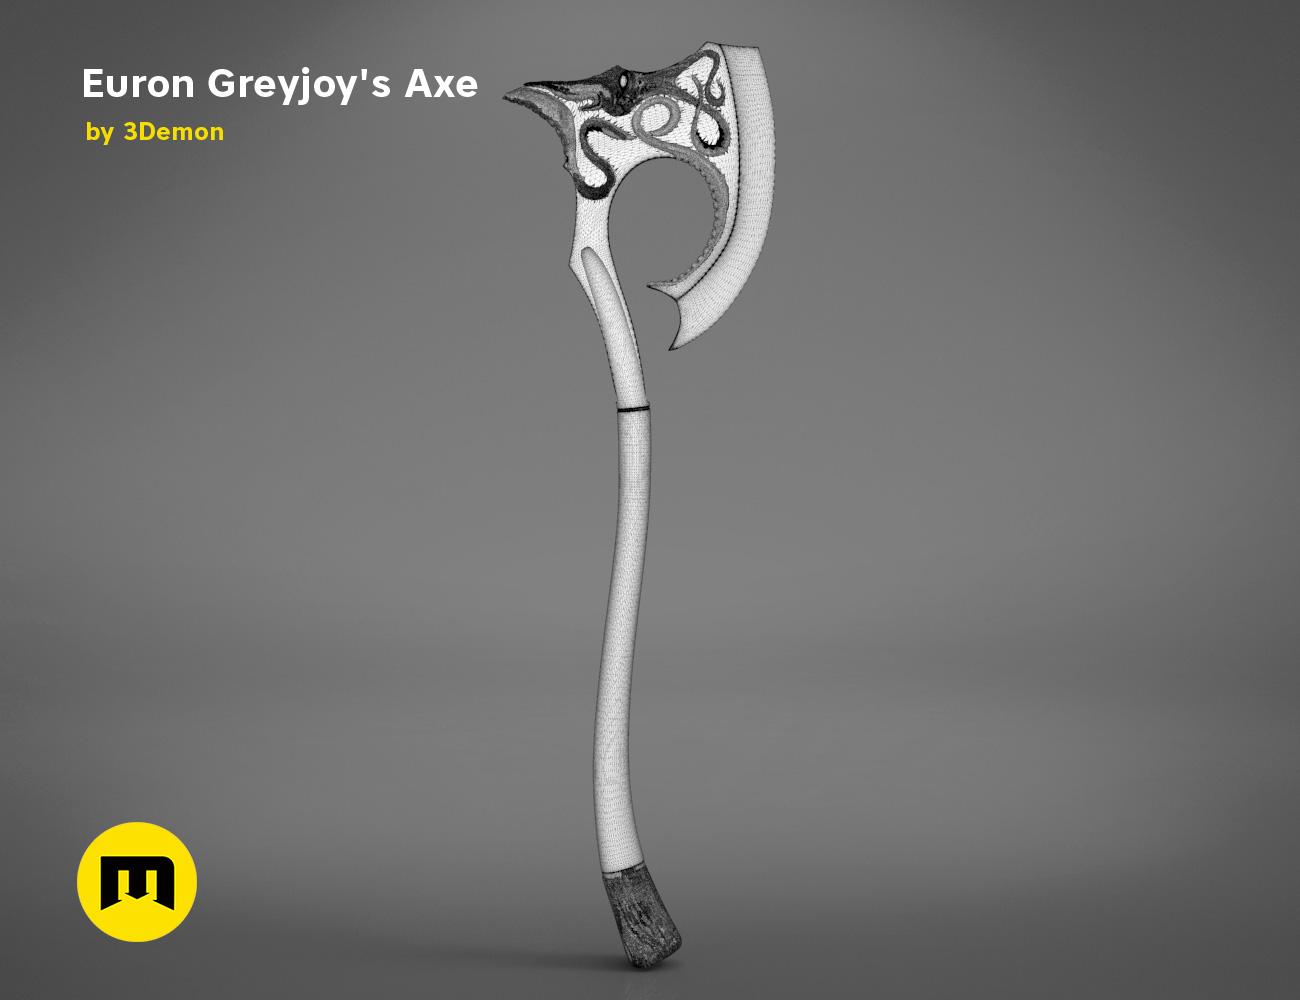 axe-gameofthrones-mesh.982.jpg Download OBJ file Euron Greyjoy's Axe • 3D printable object, 3D-mon